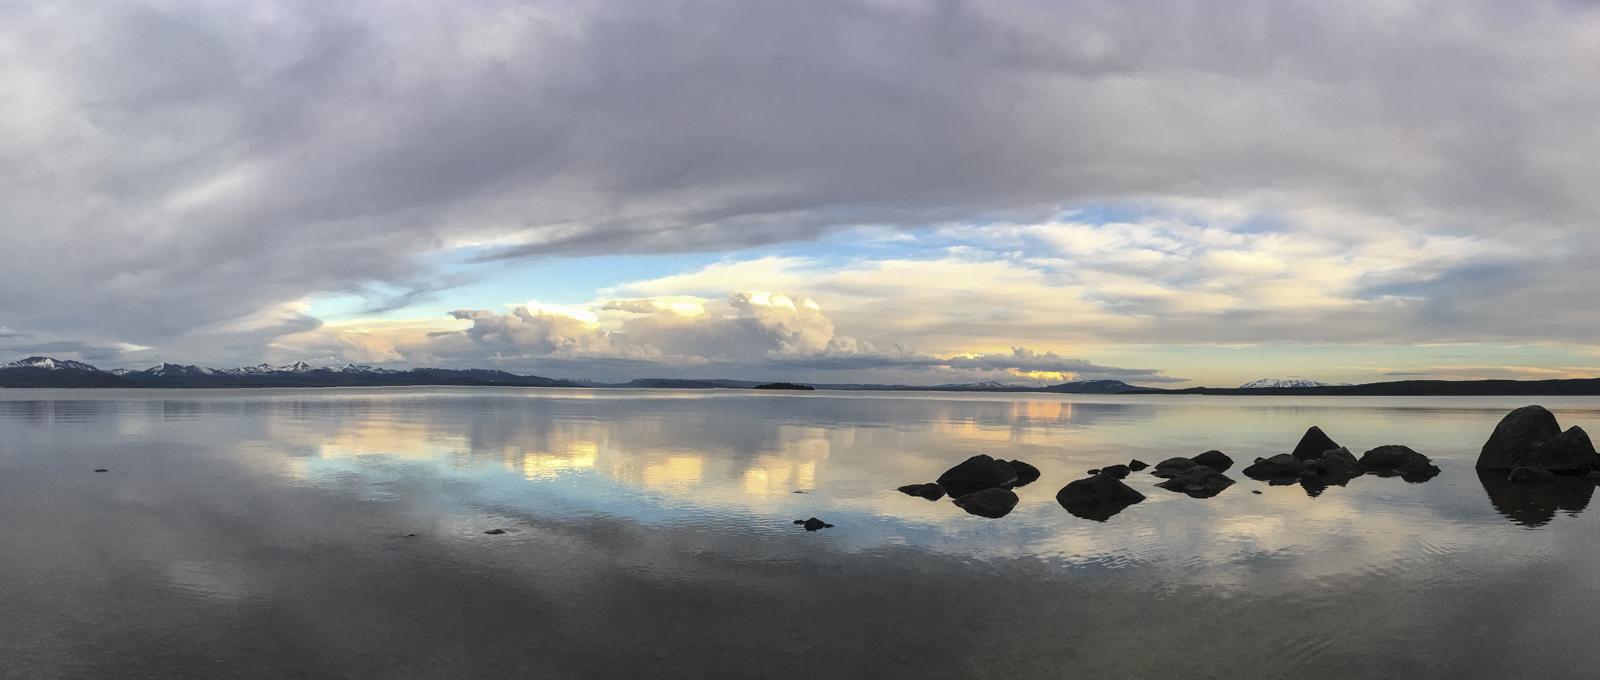 Lake pano at sunset